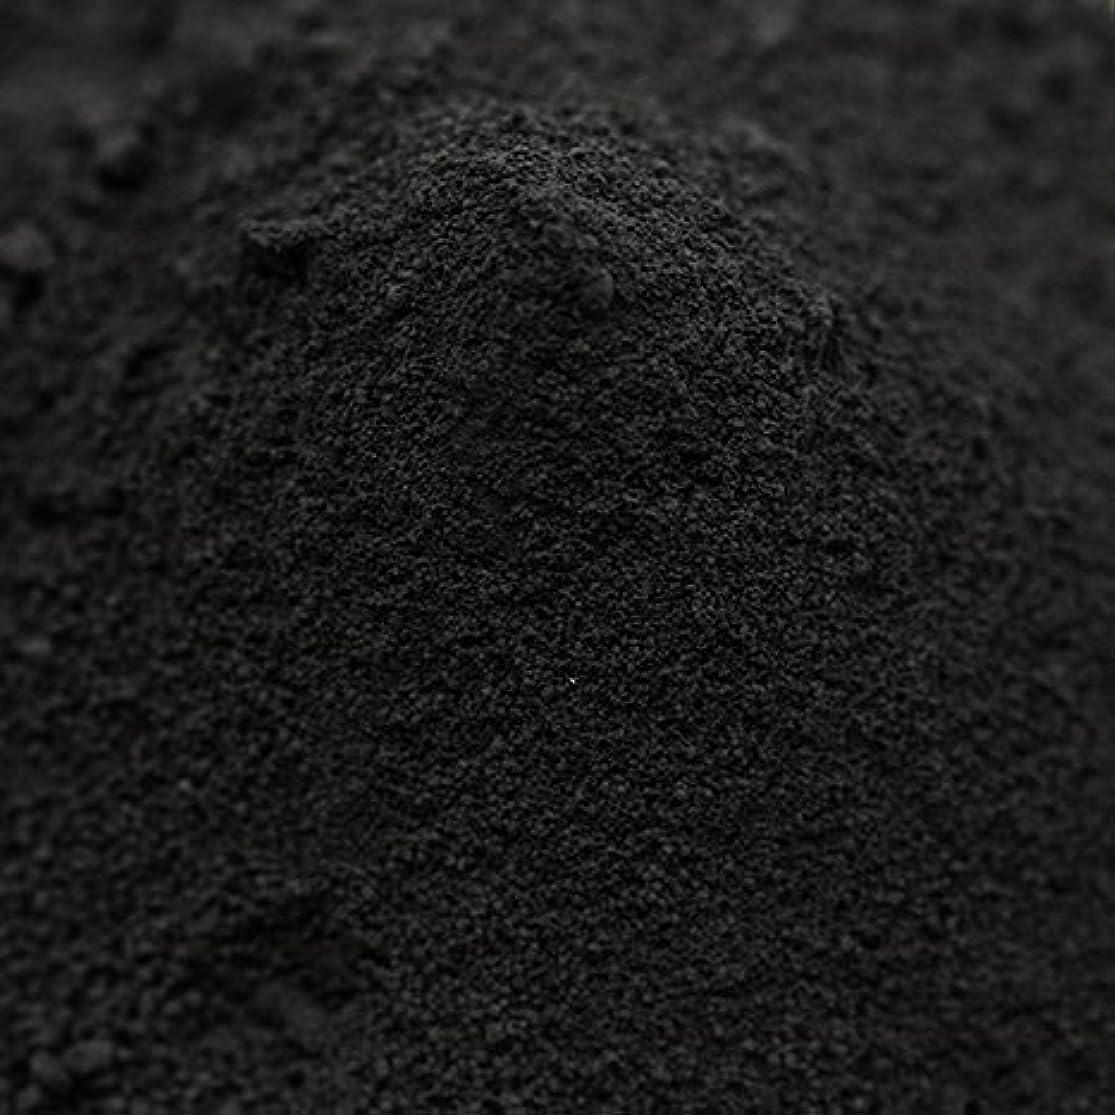 なんでもソビエト人生を作る竹炭パウダー(超微粉末) 100g 【手作り石鹸/手作りコスメに】